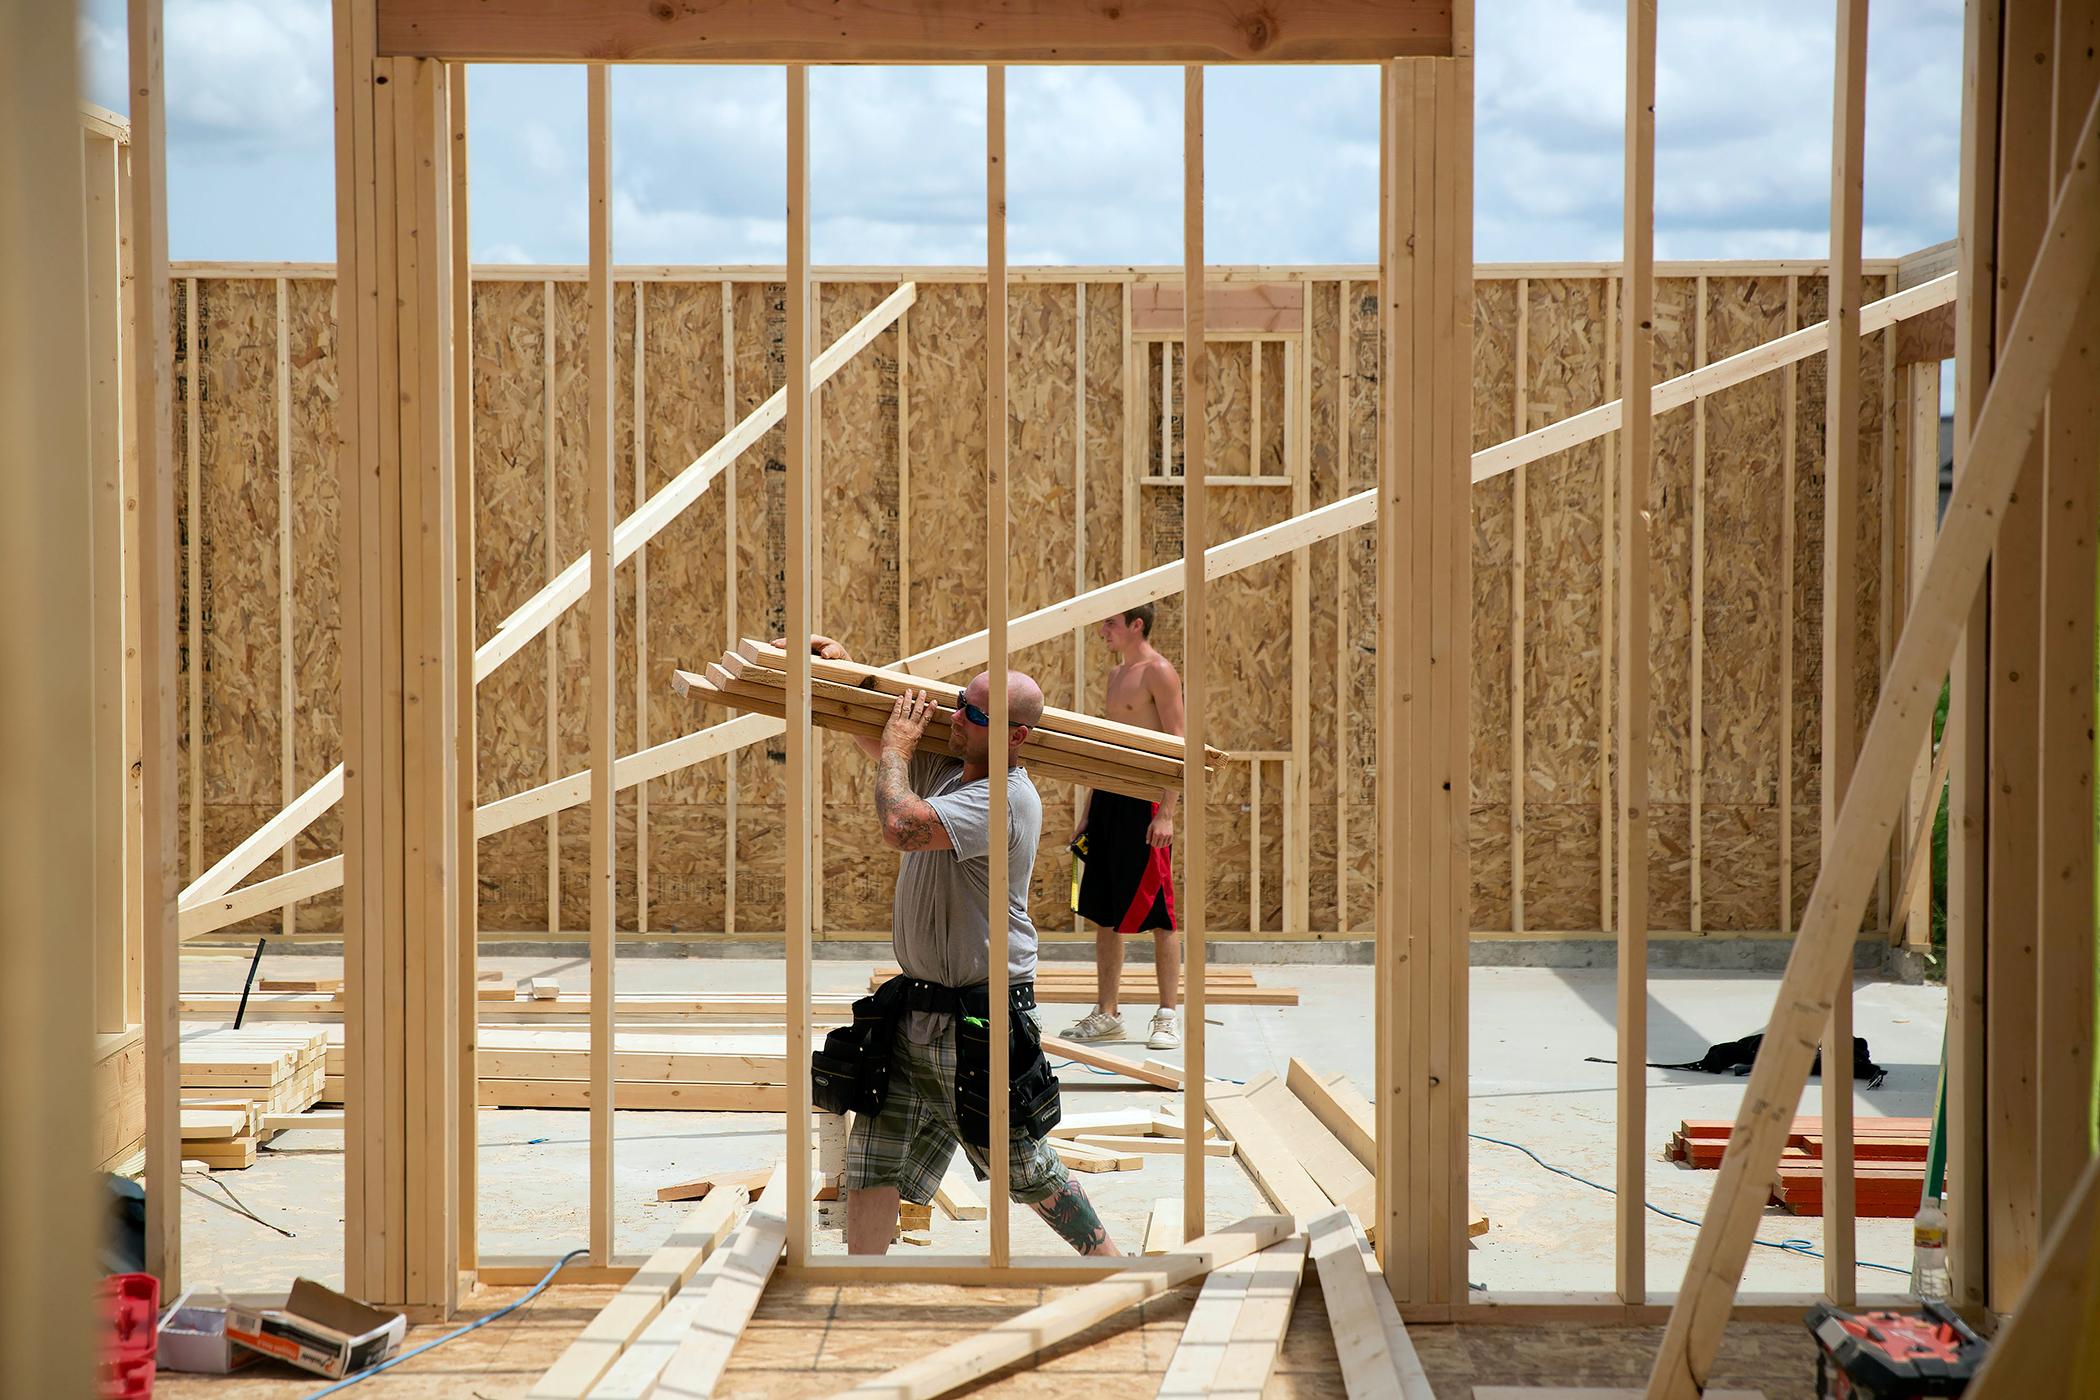 A carpenter carries lumber inside a house under construction.